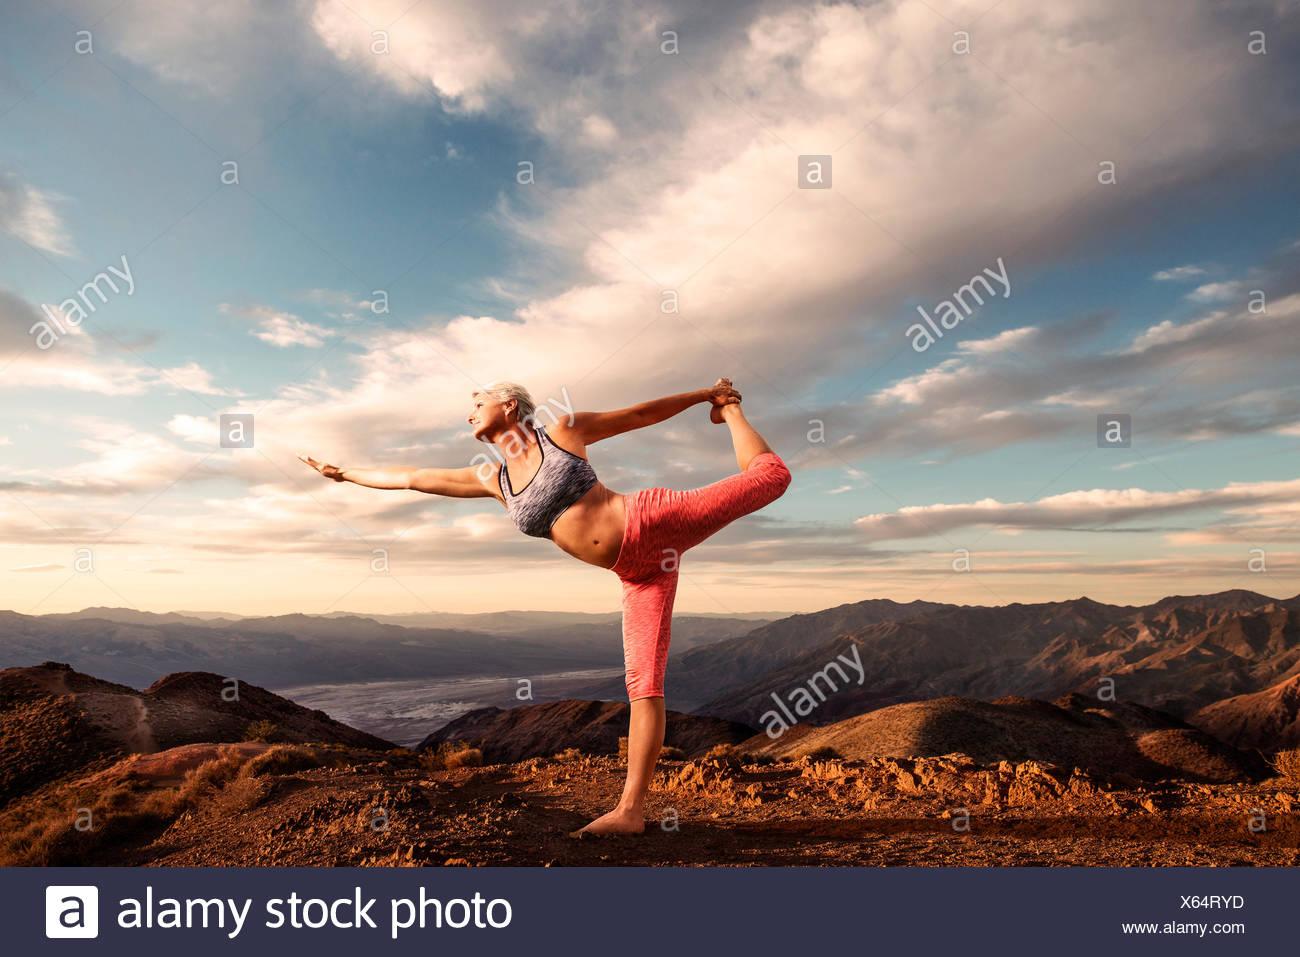 Senior donna fare yoga pone sulla cima della montagna al tramonto con il paesaggio deserto e la valle sottostante. Immagini Stock